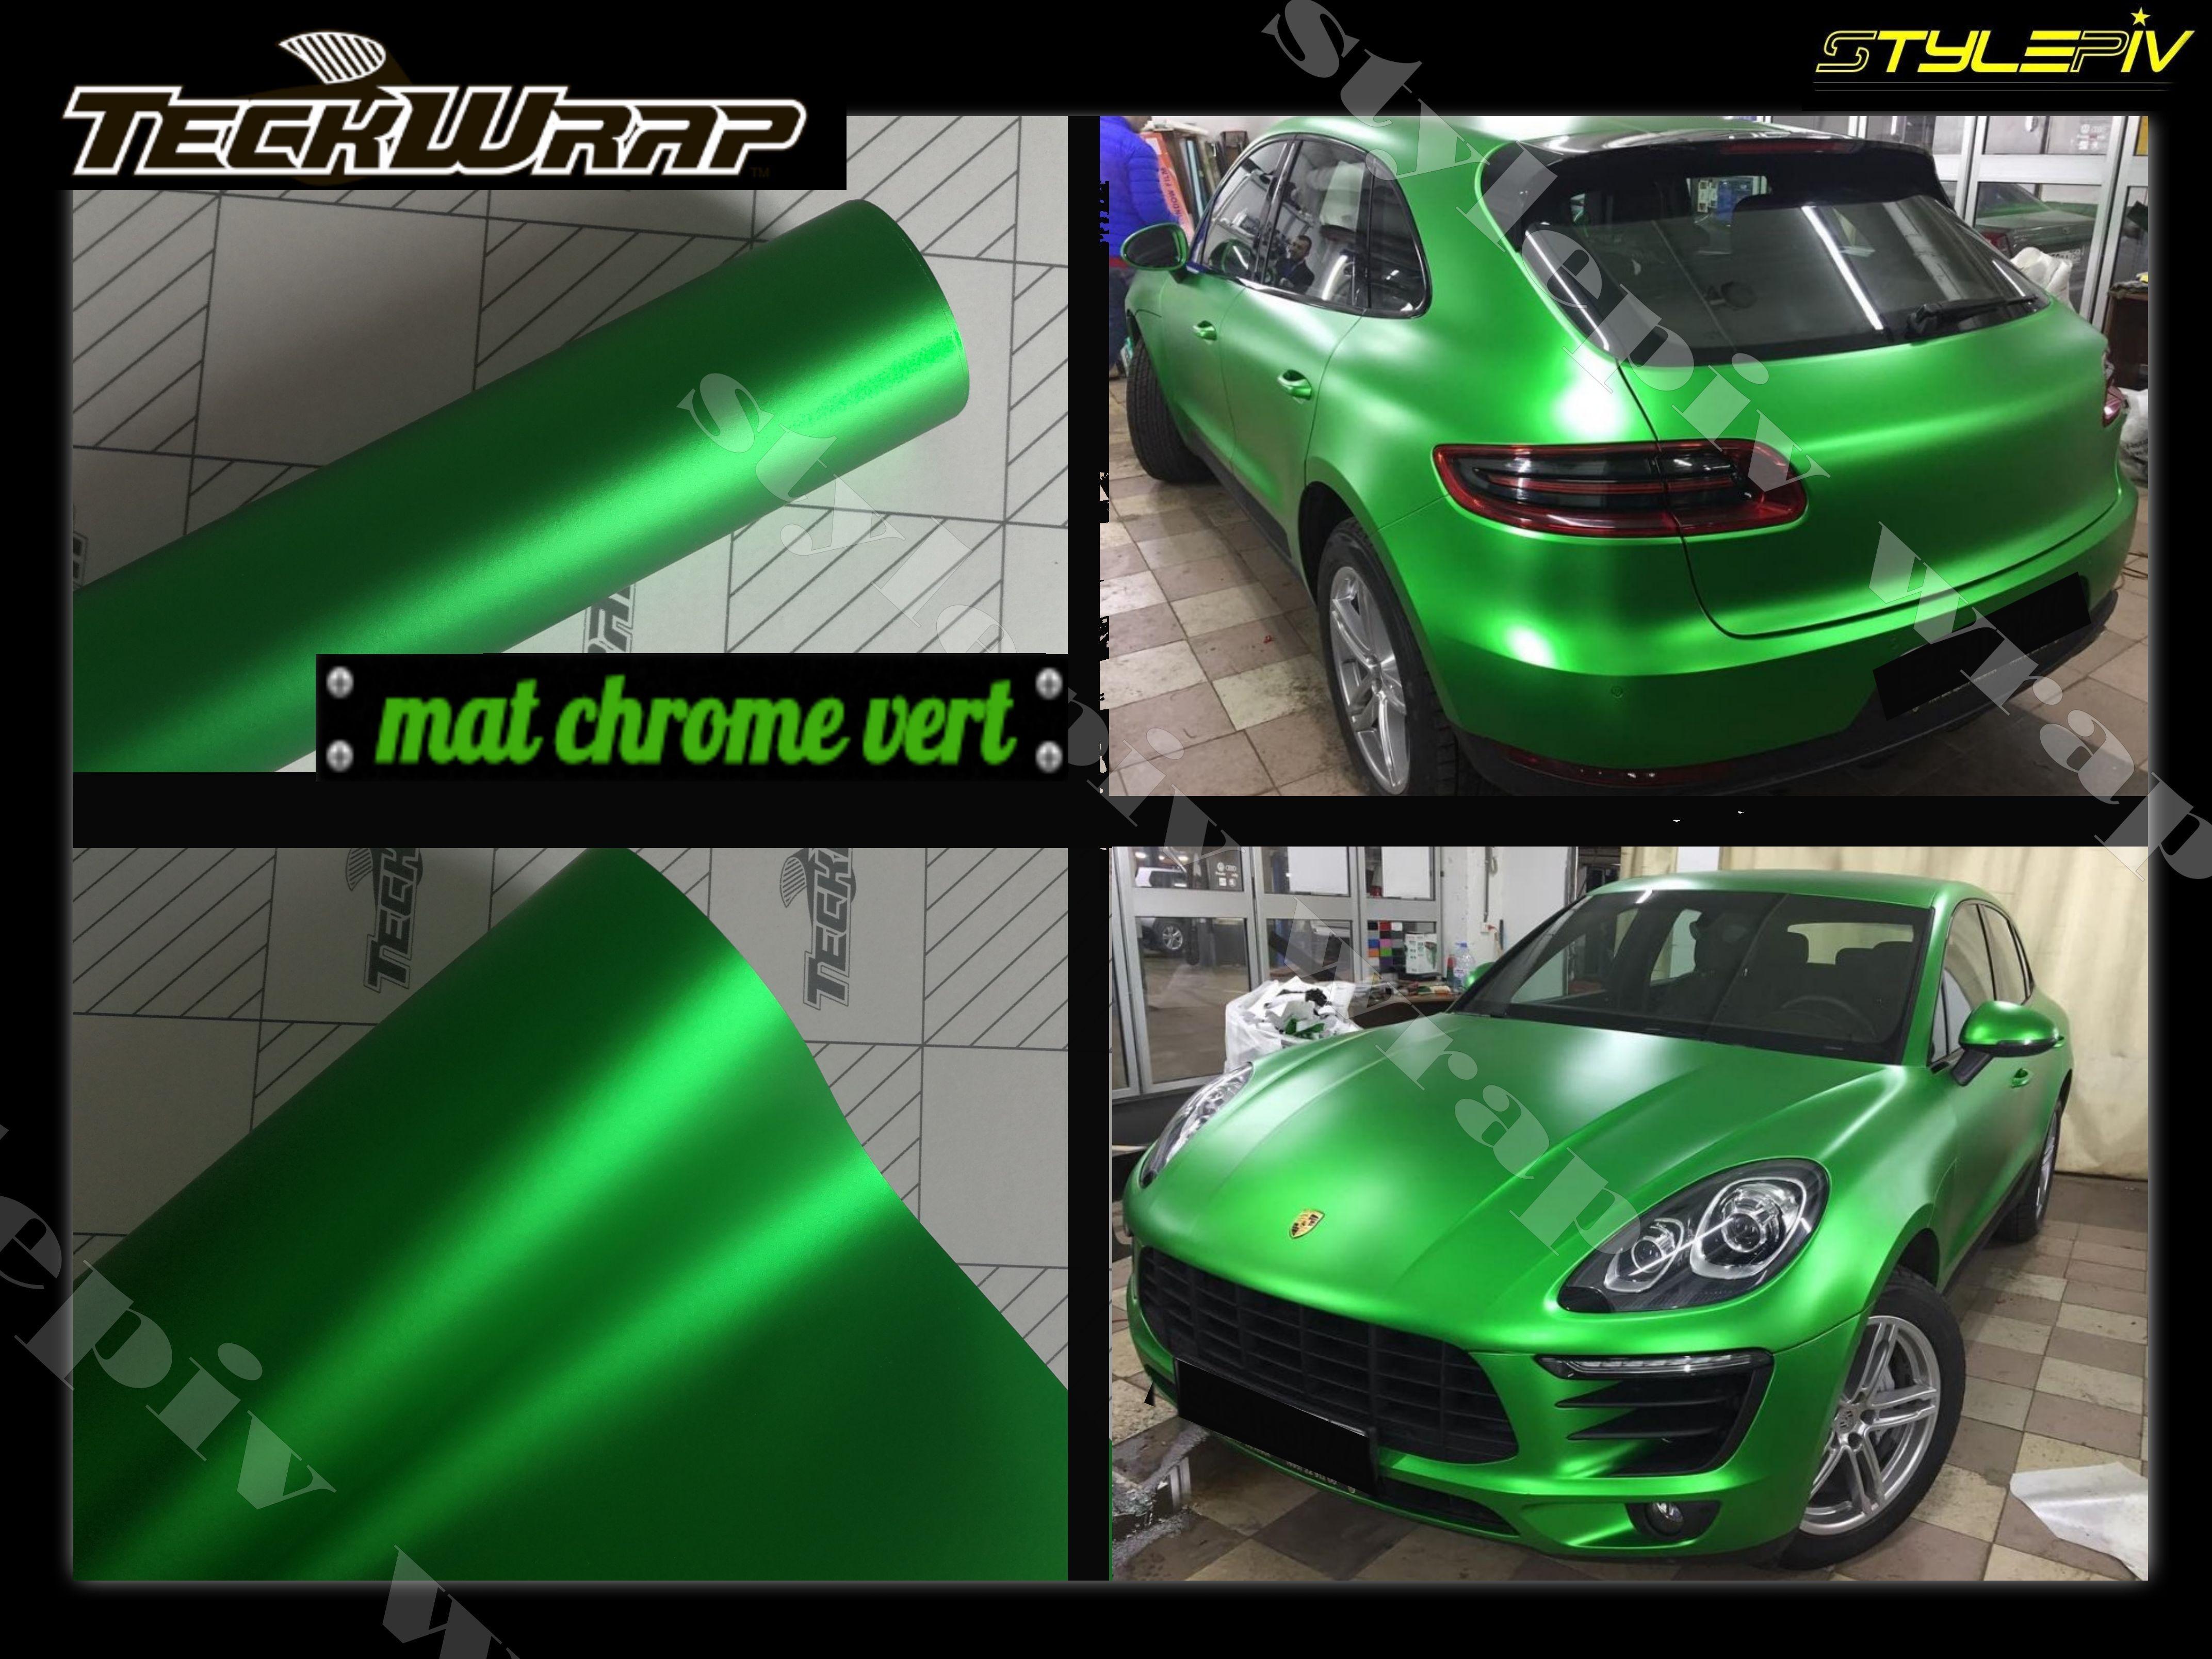 Chameleon Carbone Chrome Mat Brillant Brossé vinyle wrap Changement de Couleur Autocollant Voiture